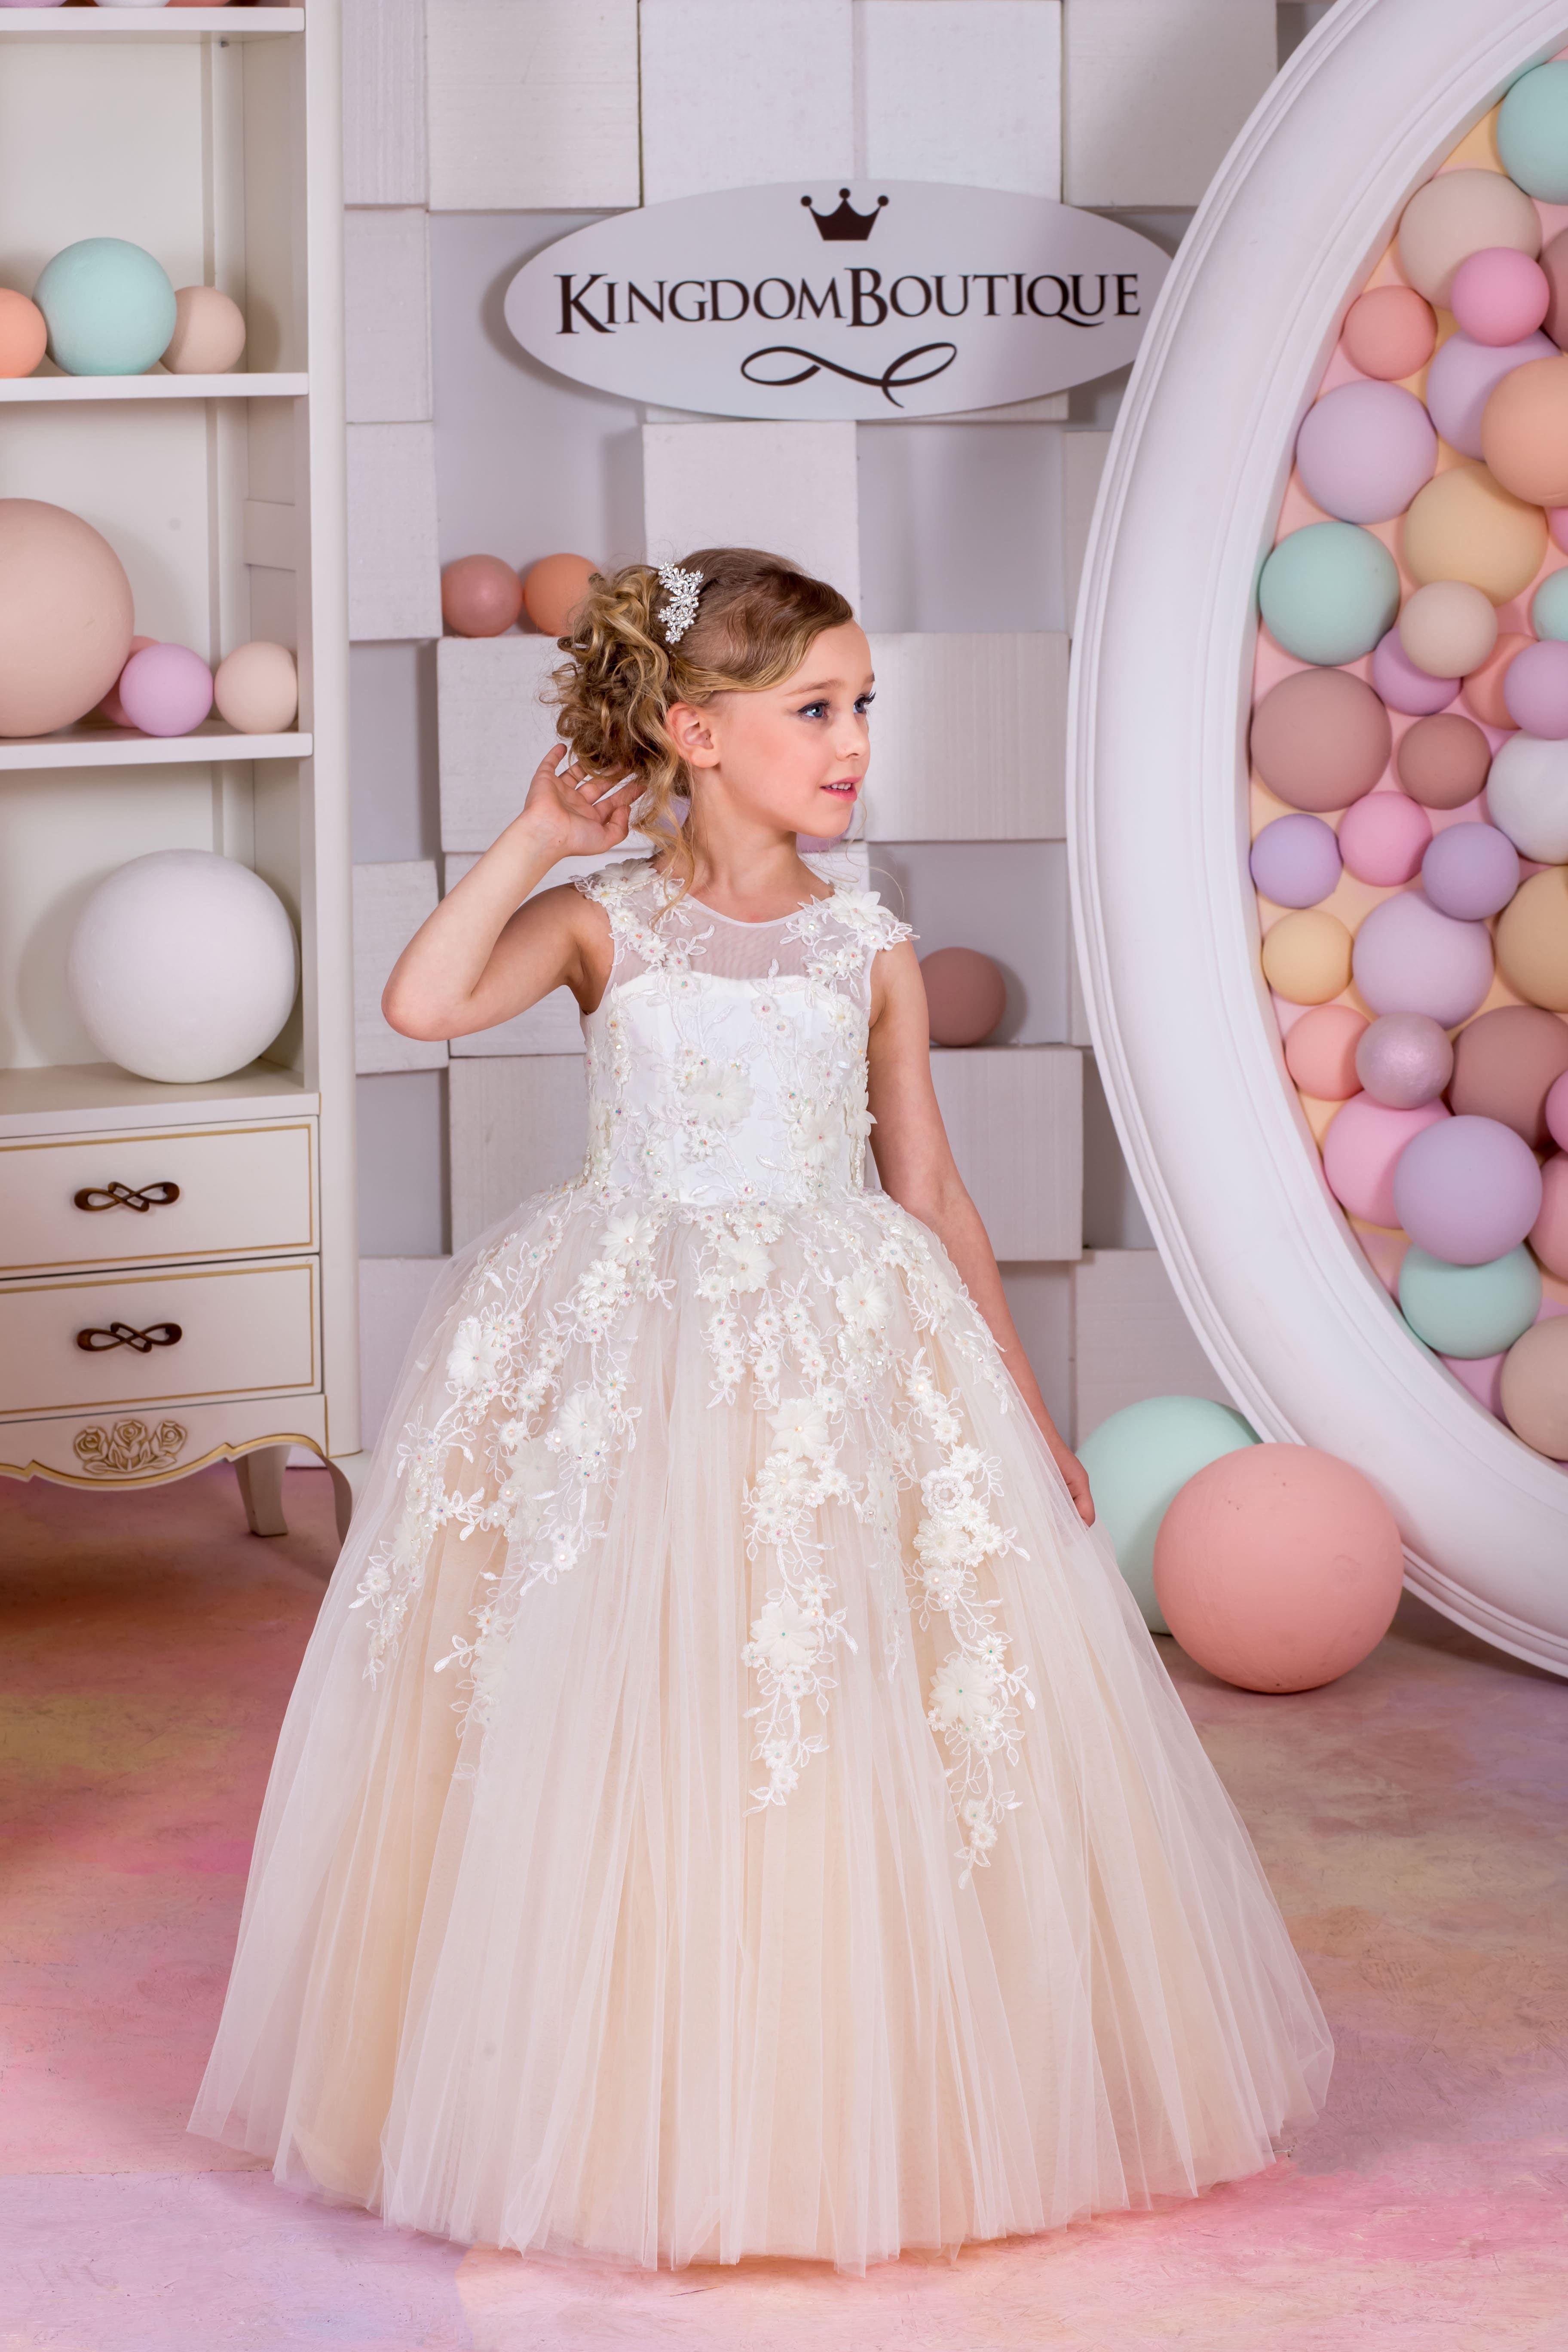 422958ff85014e5 Butterfly-dress.com- Детские нарядные платья, детские платья оптом и в  розницу, нарядные платья для девочек